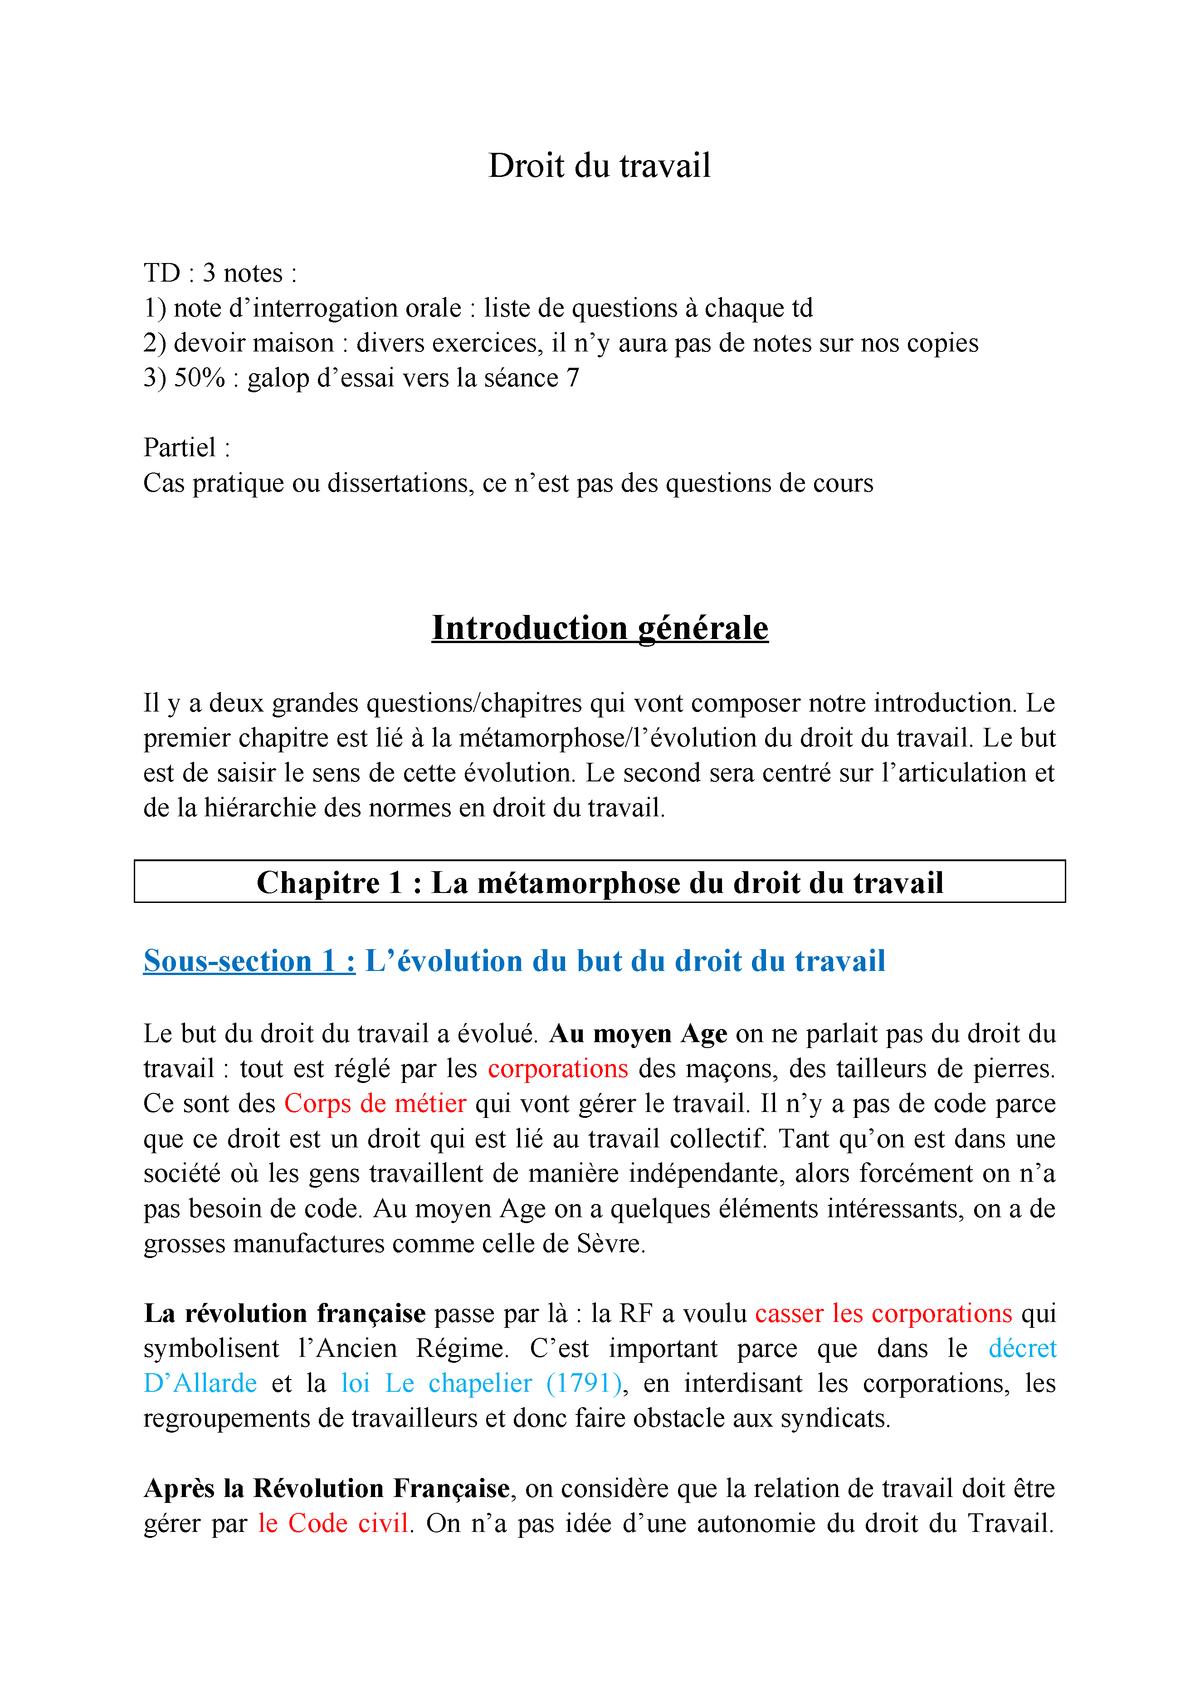 Dissertation droit du travail